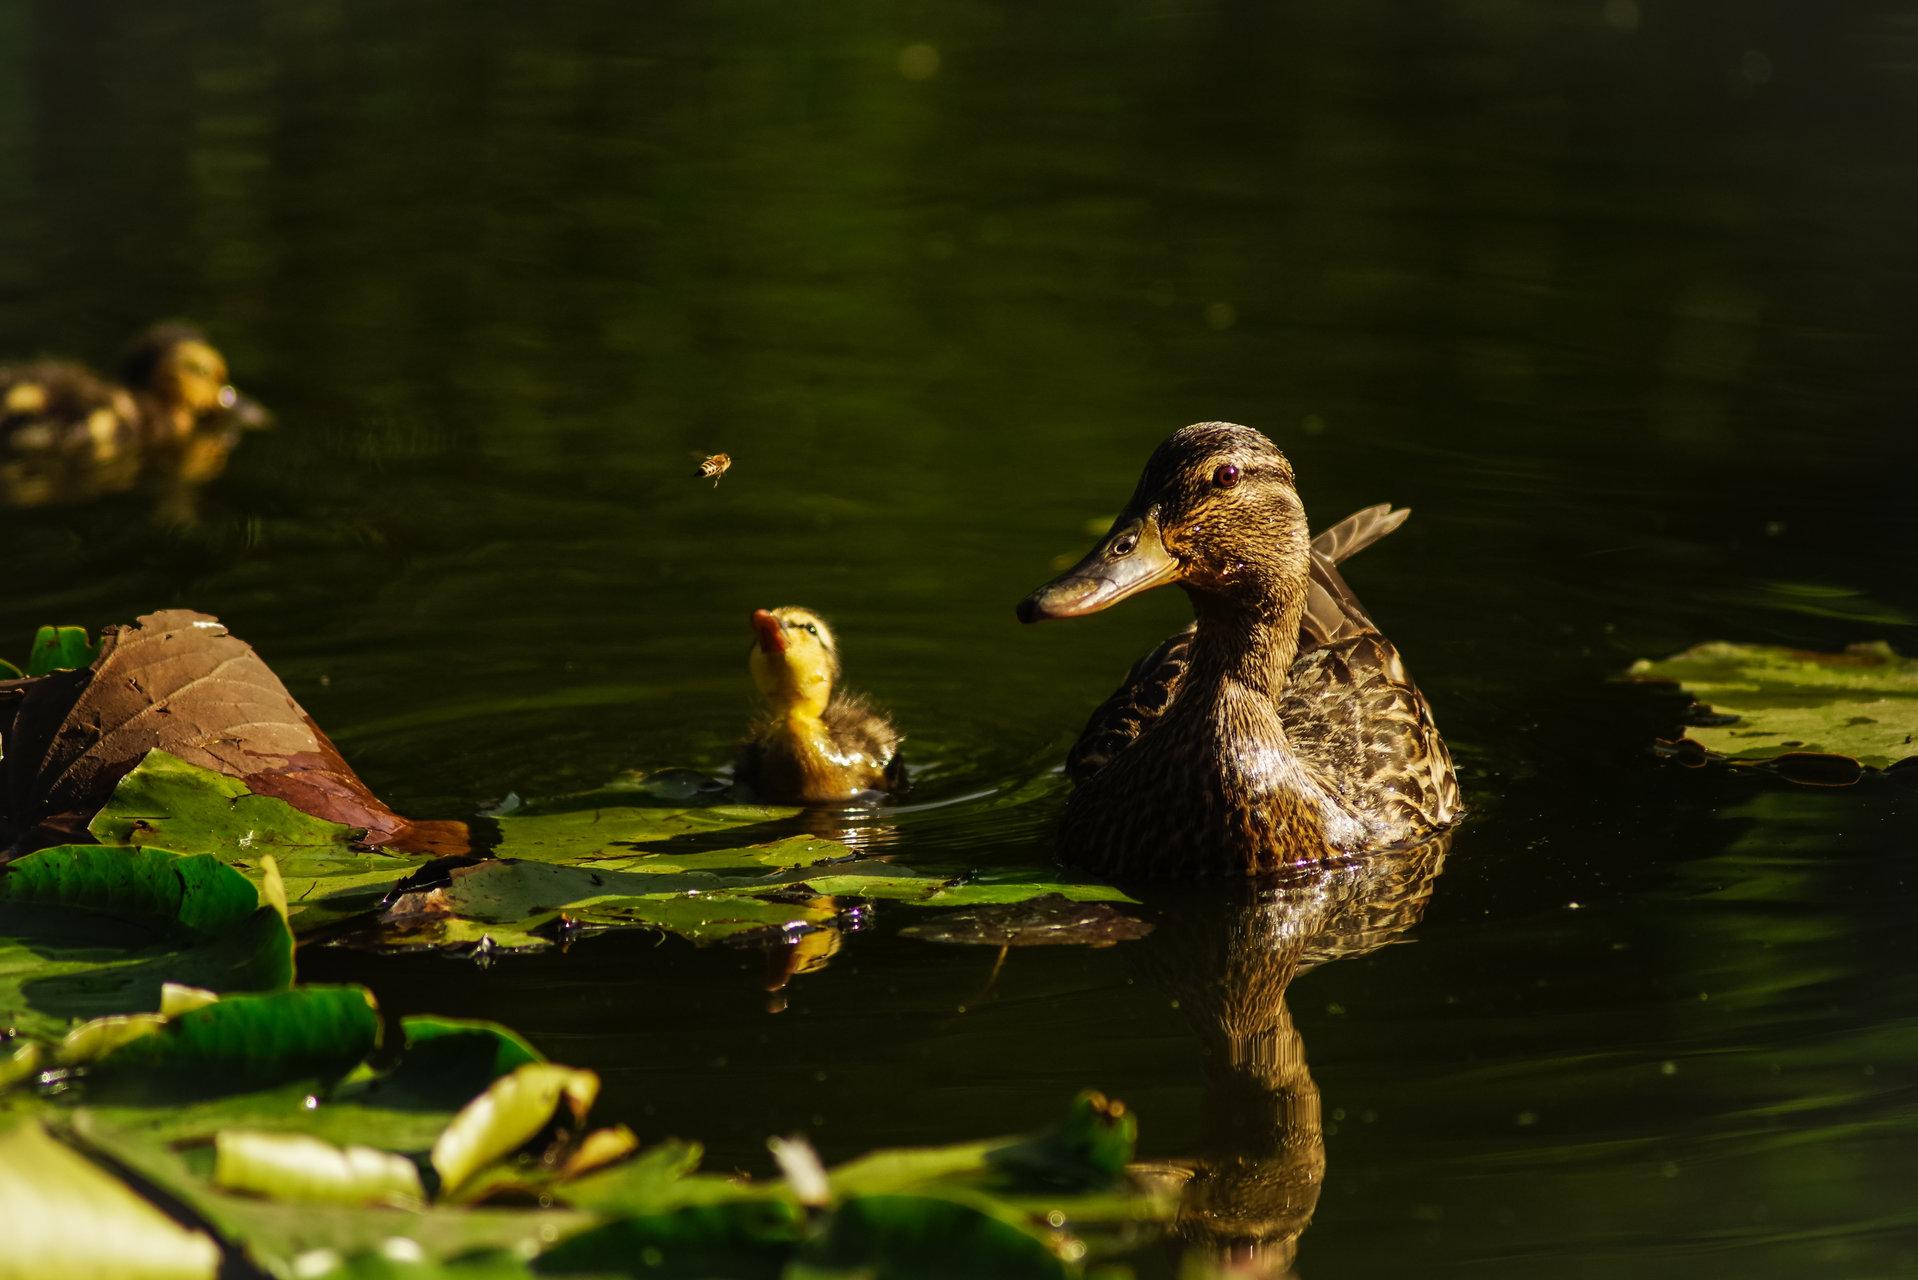 Photo in Nature | Author krishna1 | PHOTO FORUM